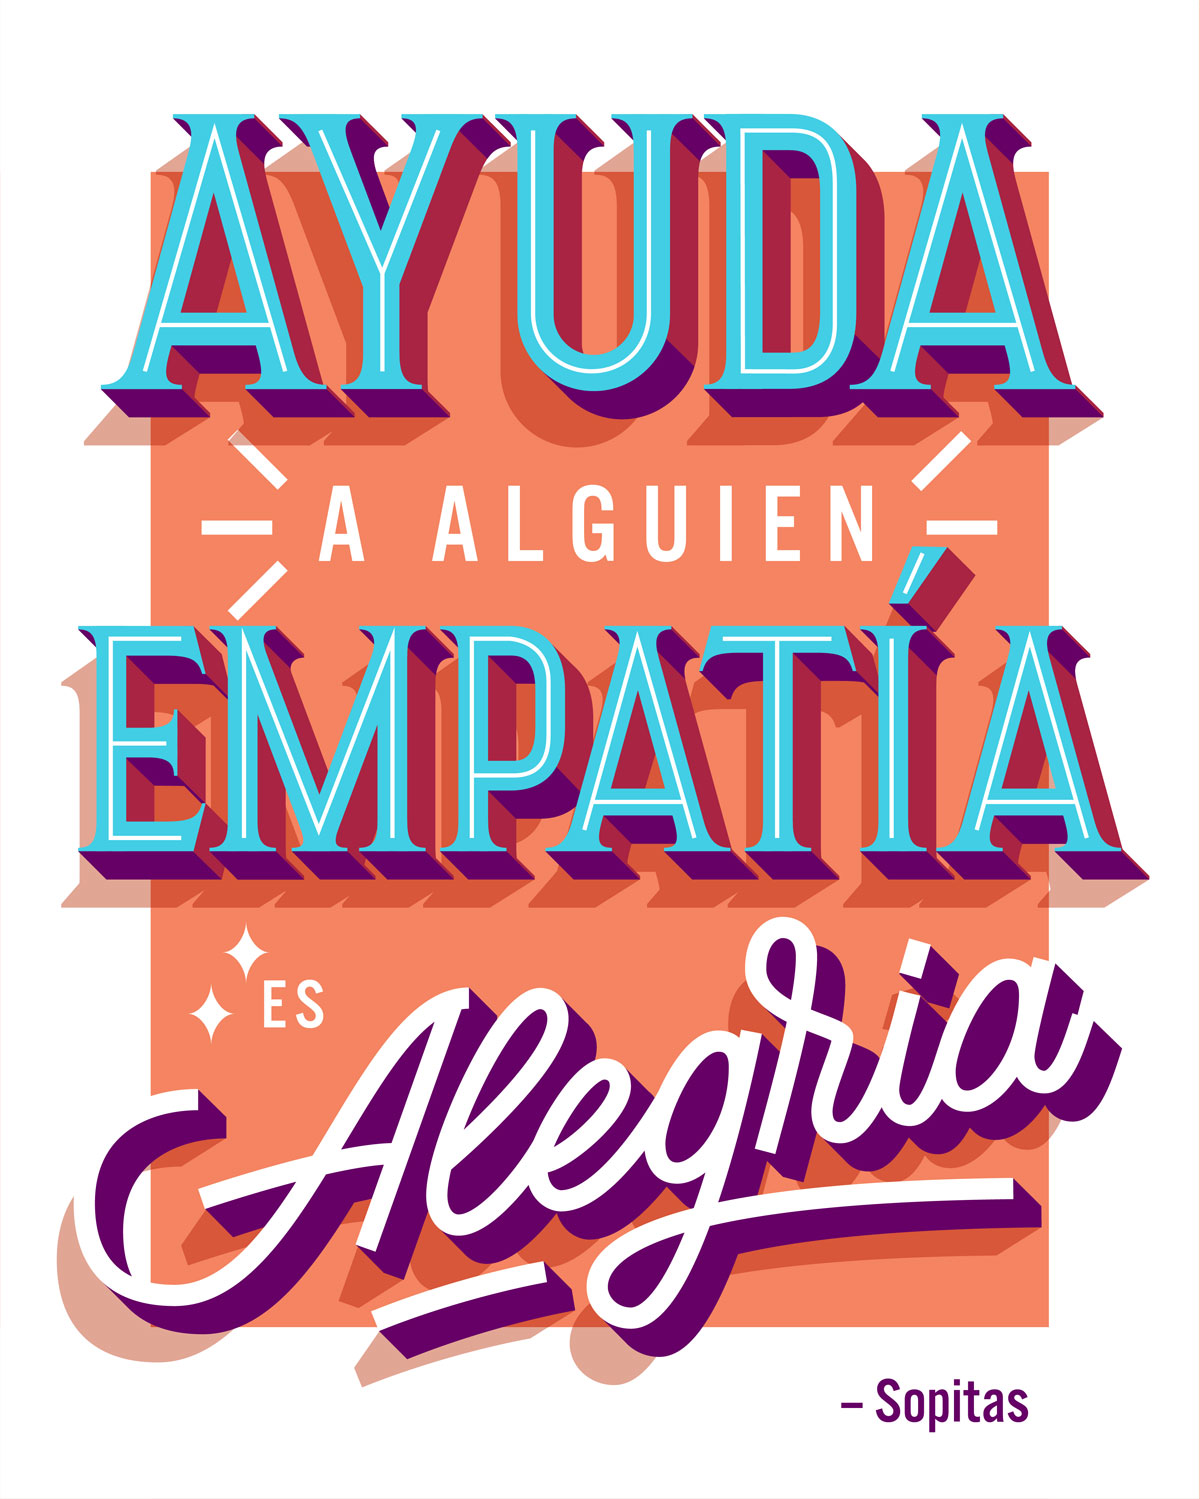 Ayuda a Alguien, empatía es Alegria de Sopitas ilustrado por Rebeca Anaya para Murales con Eco